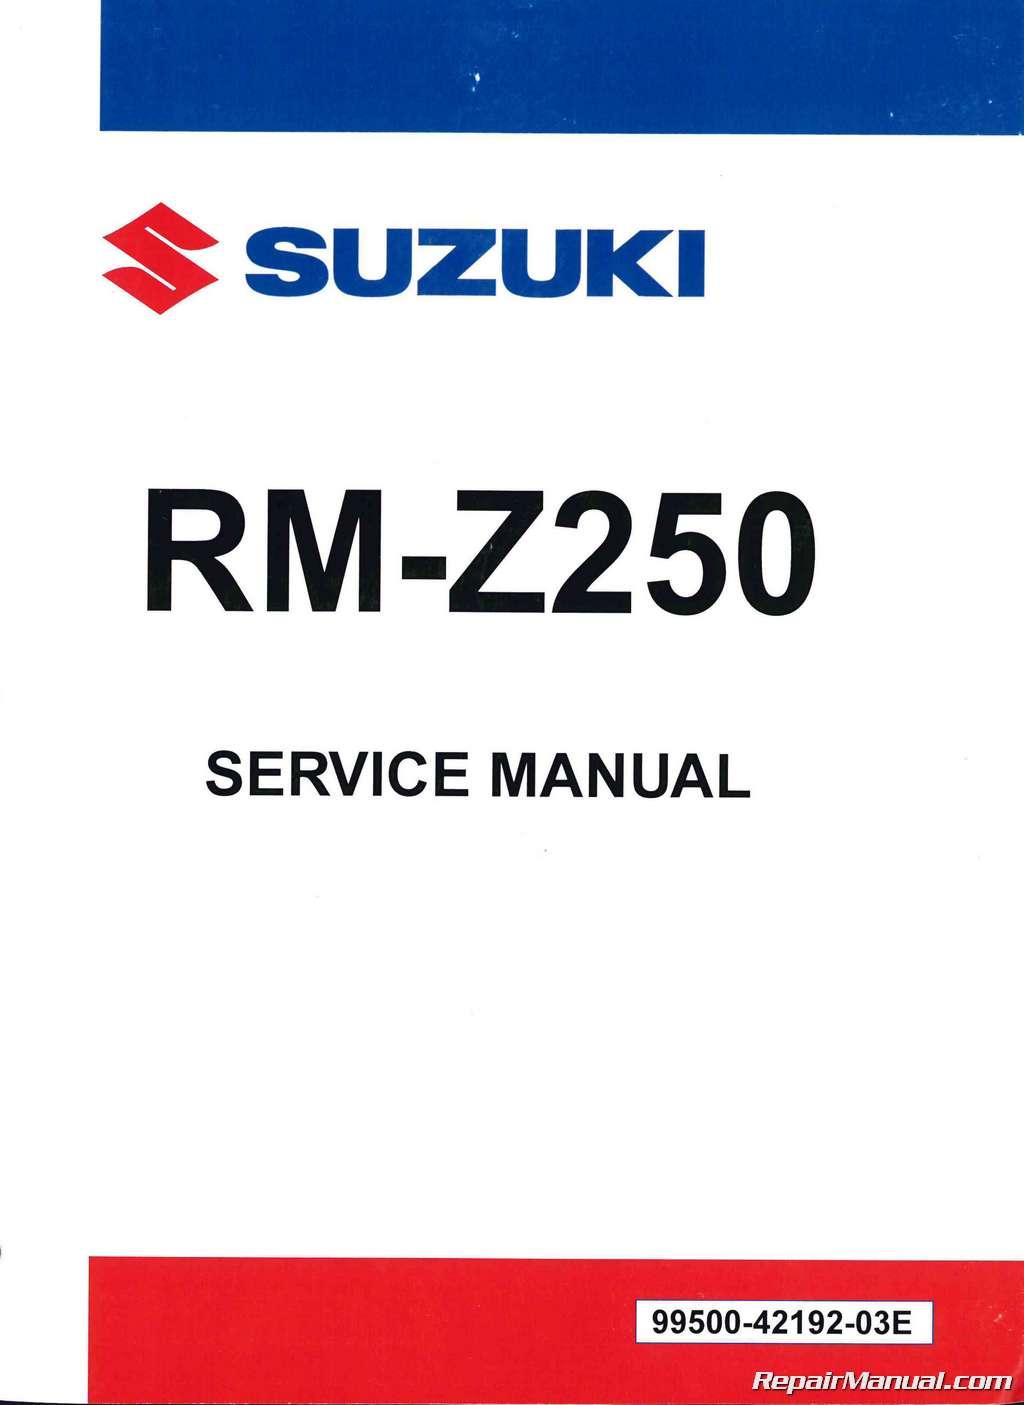 2010 2011 2012 2013 2014 suzuki rm z250 motorcycle service manual 2004 Suzuki RMZ 250 Manual 2004 Suzuki RMZ 250 Manual